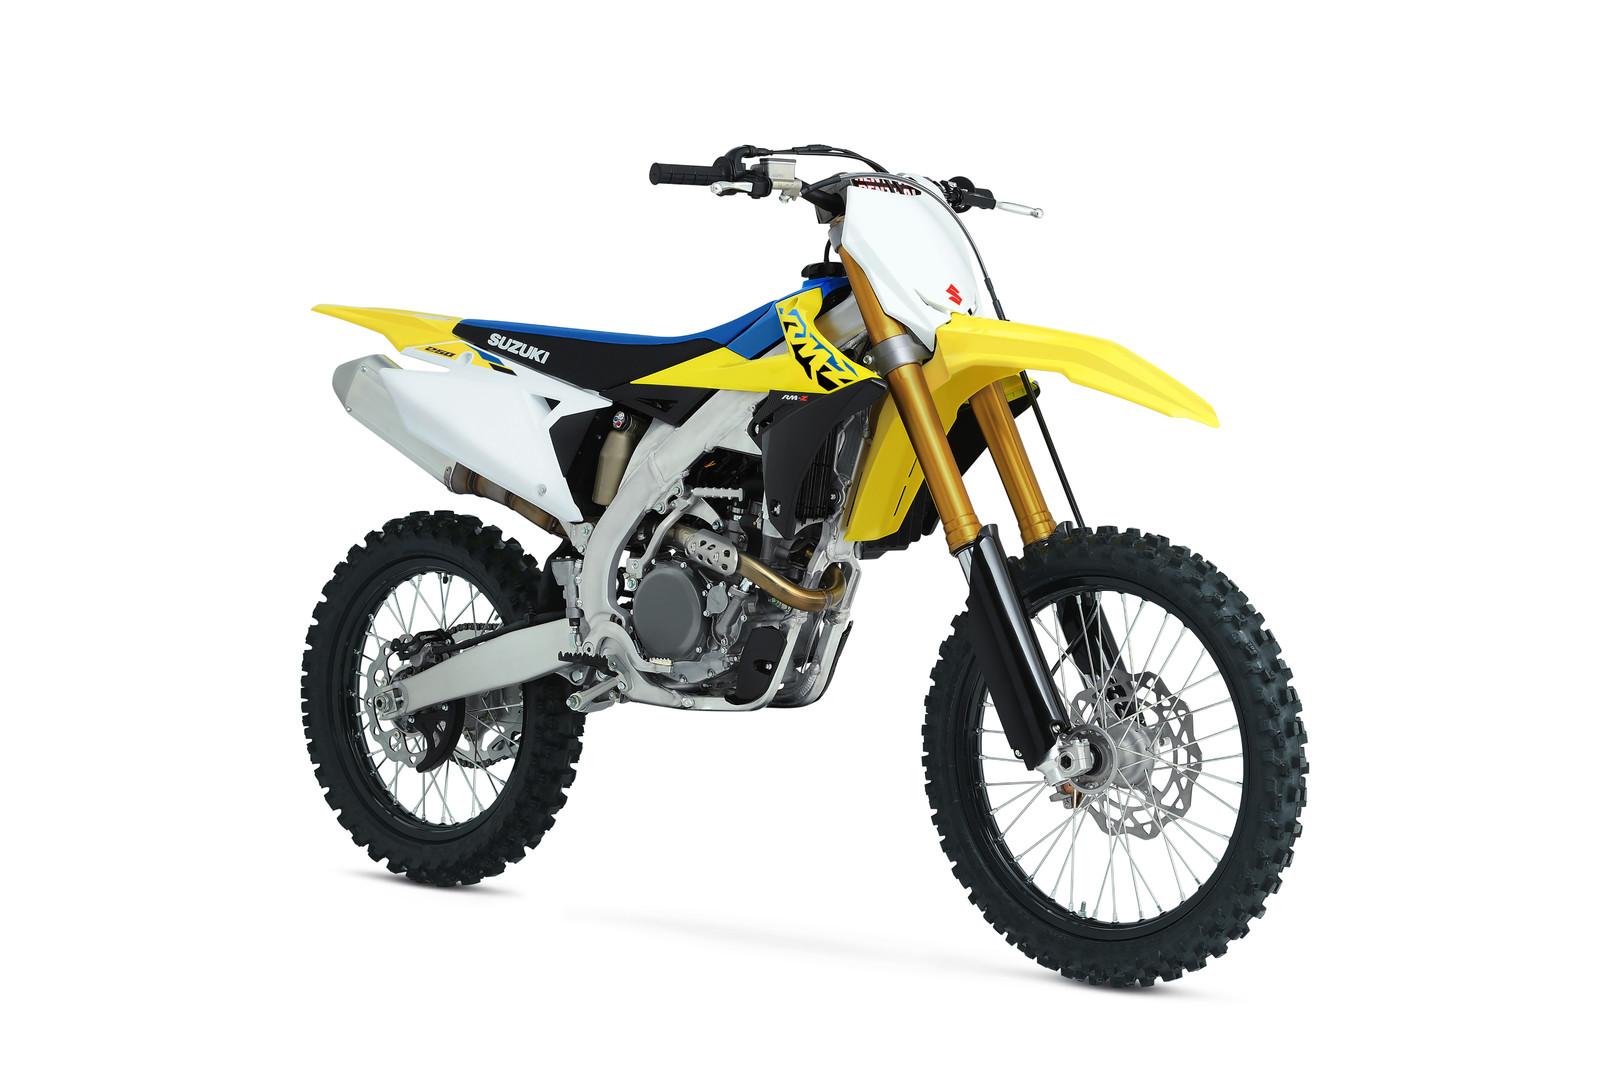 2021 Suzuki RM-Z250: MSRP $7,899